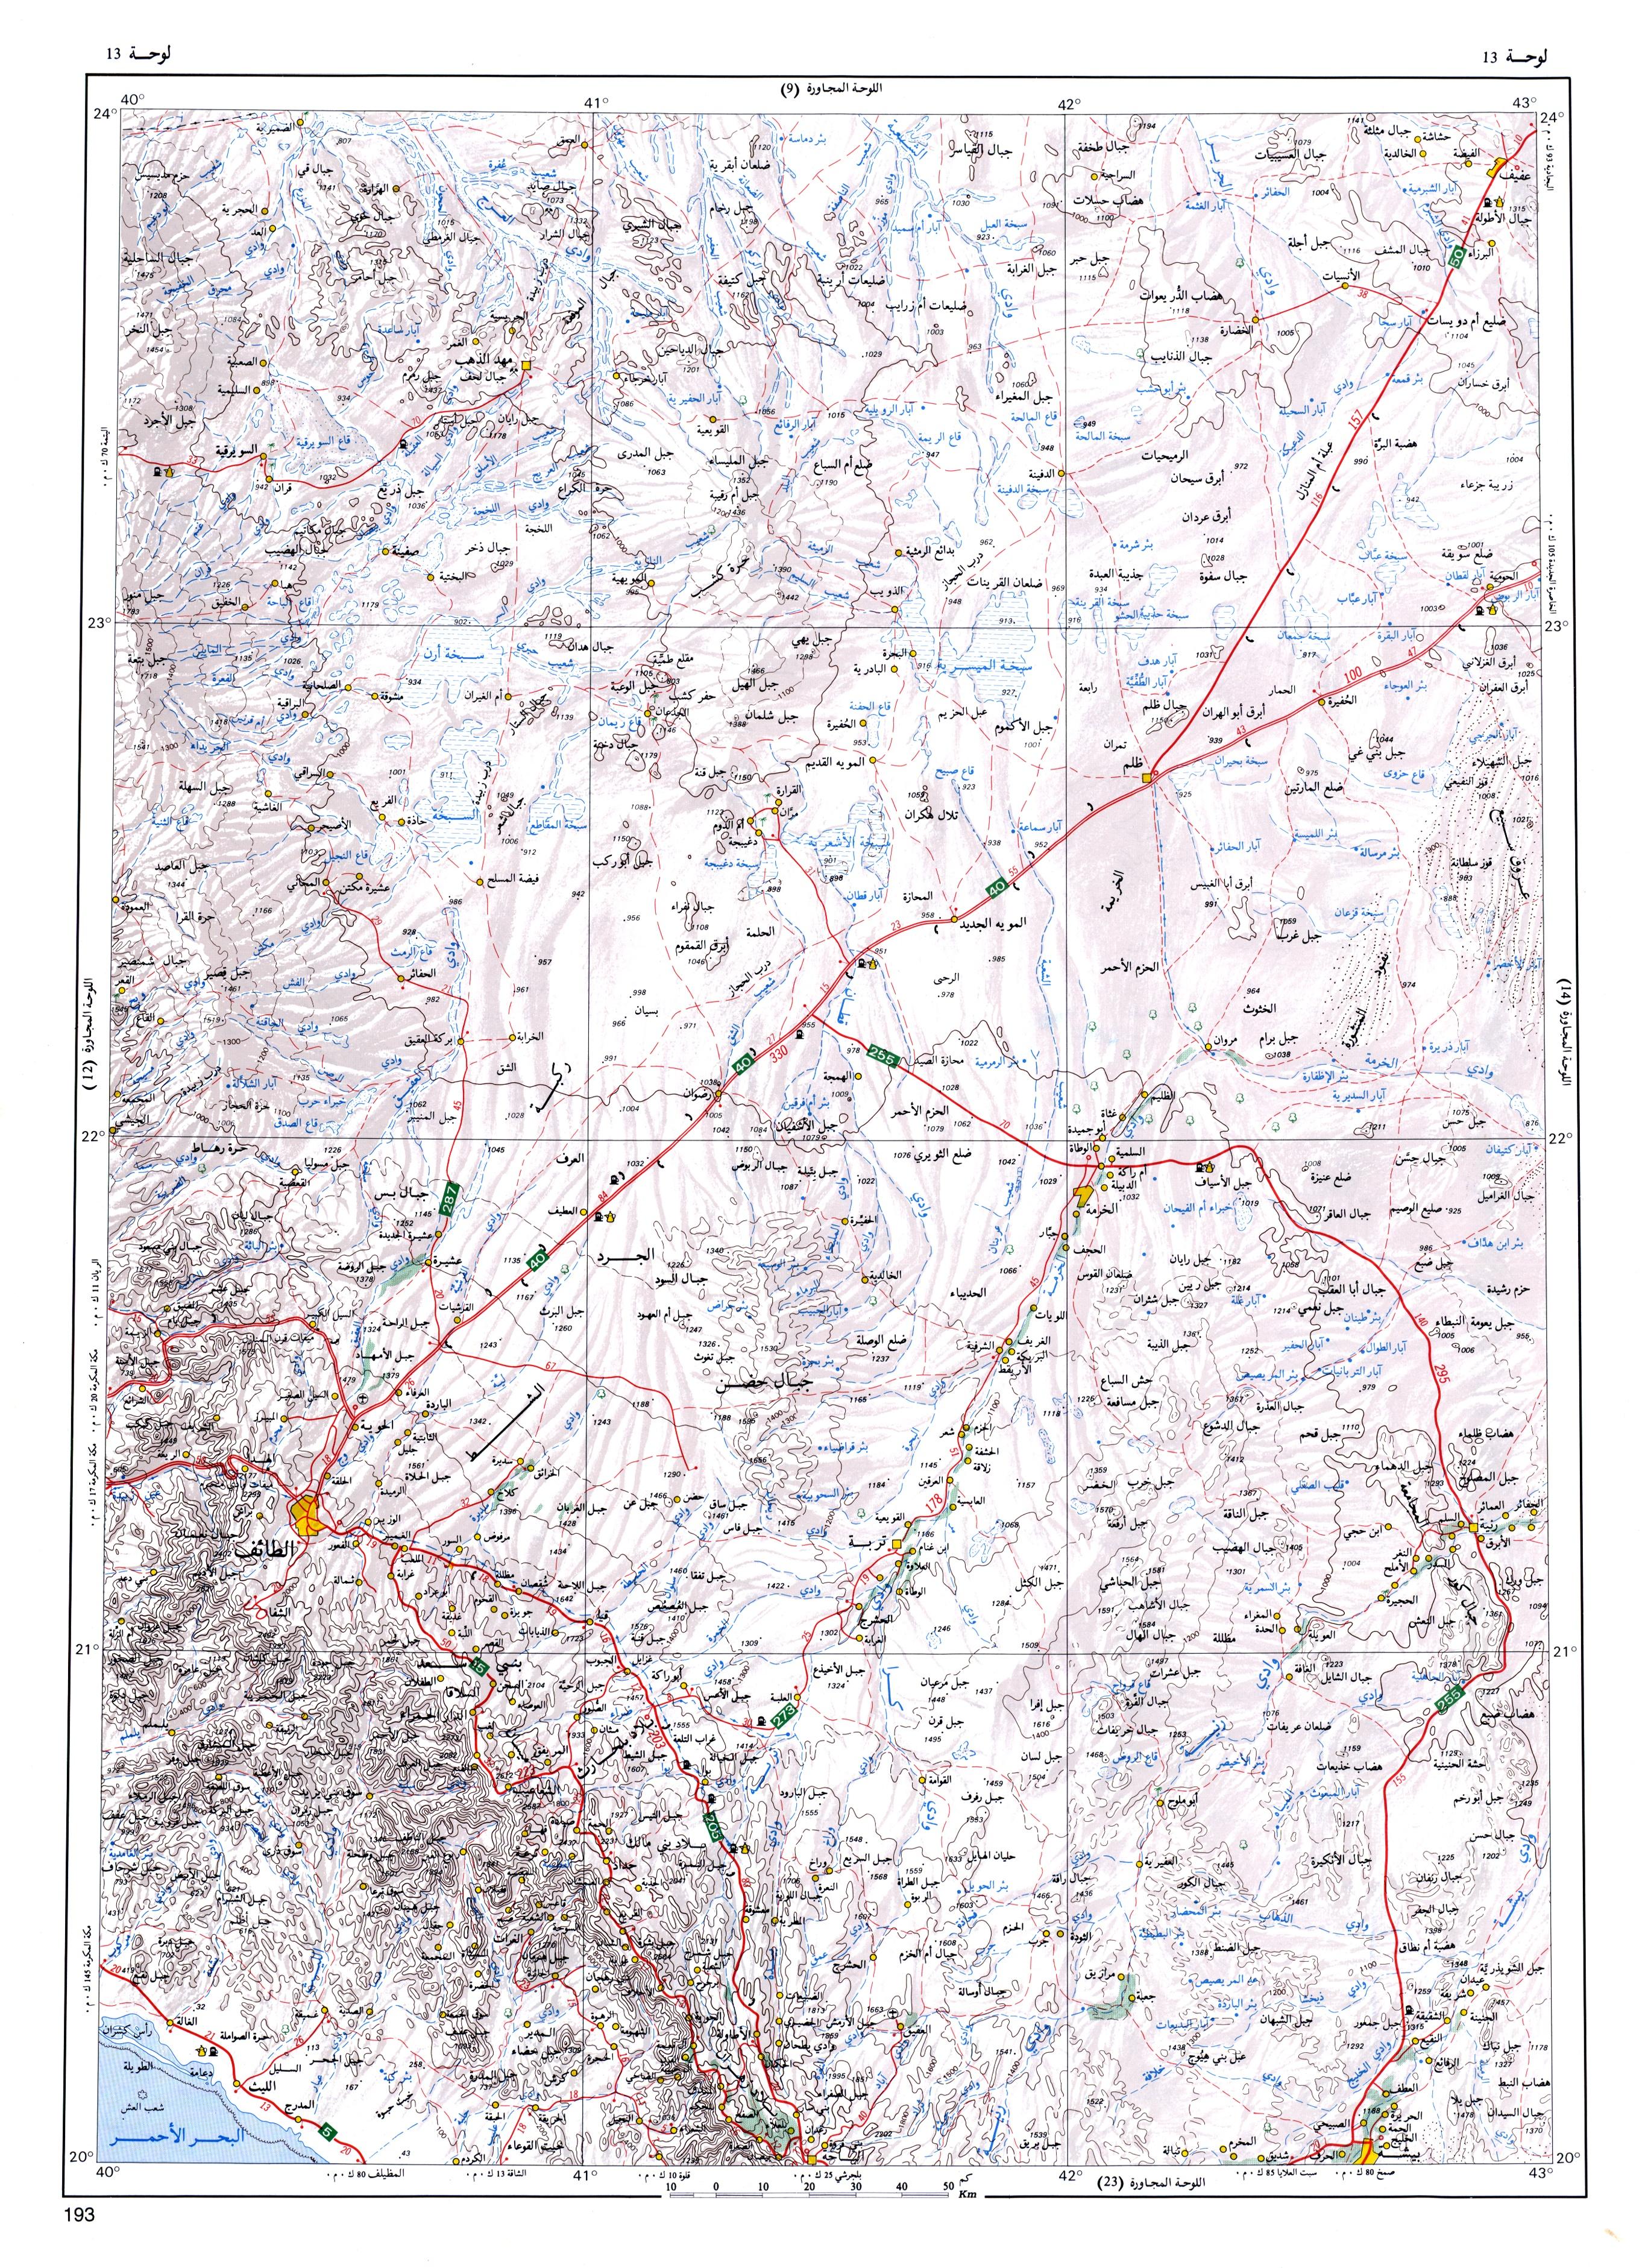 خرائط تفصيليه لمناطق اللمملكة العربية Fig-13.jpg